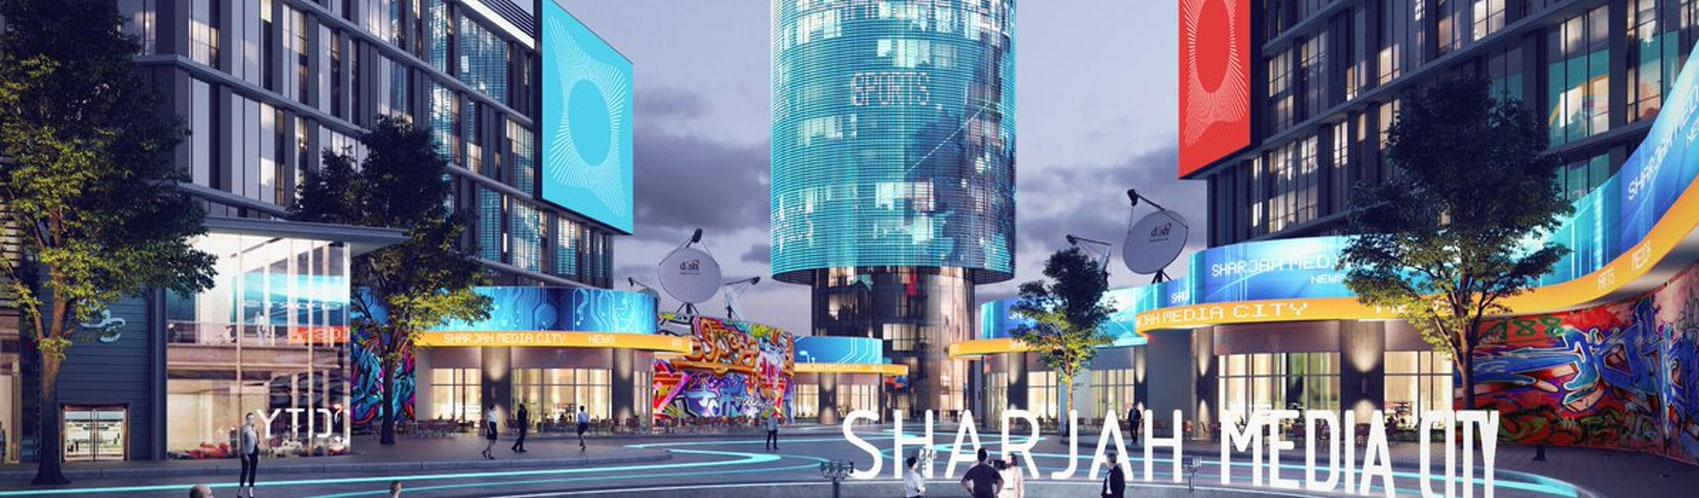 Shams Freezone Sharjah Media City - Setup Your Company In Shams